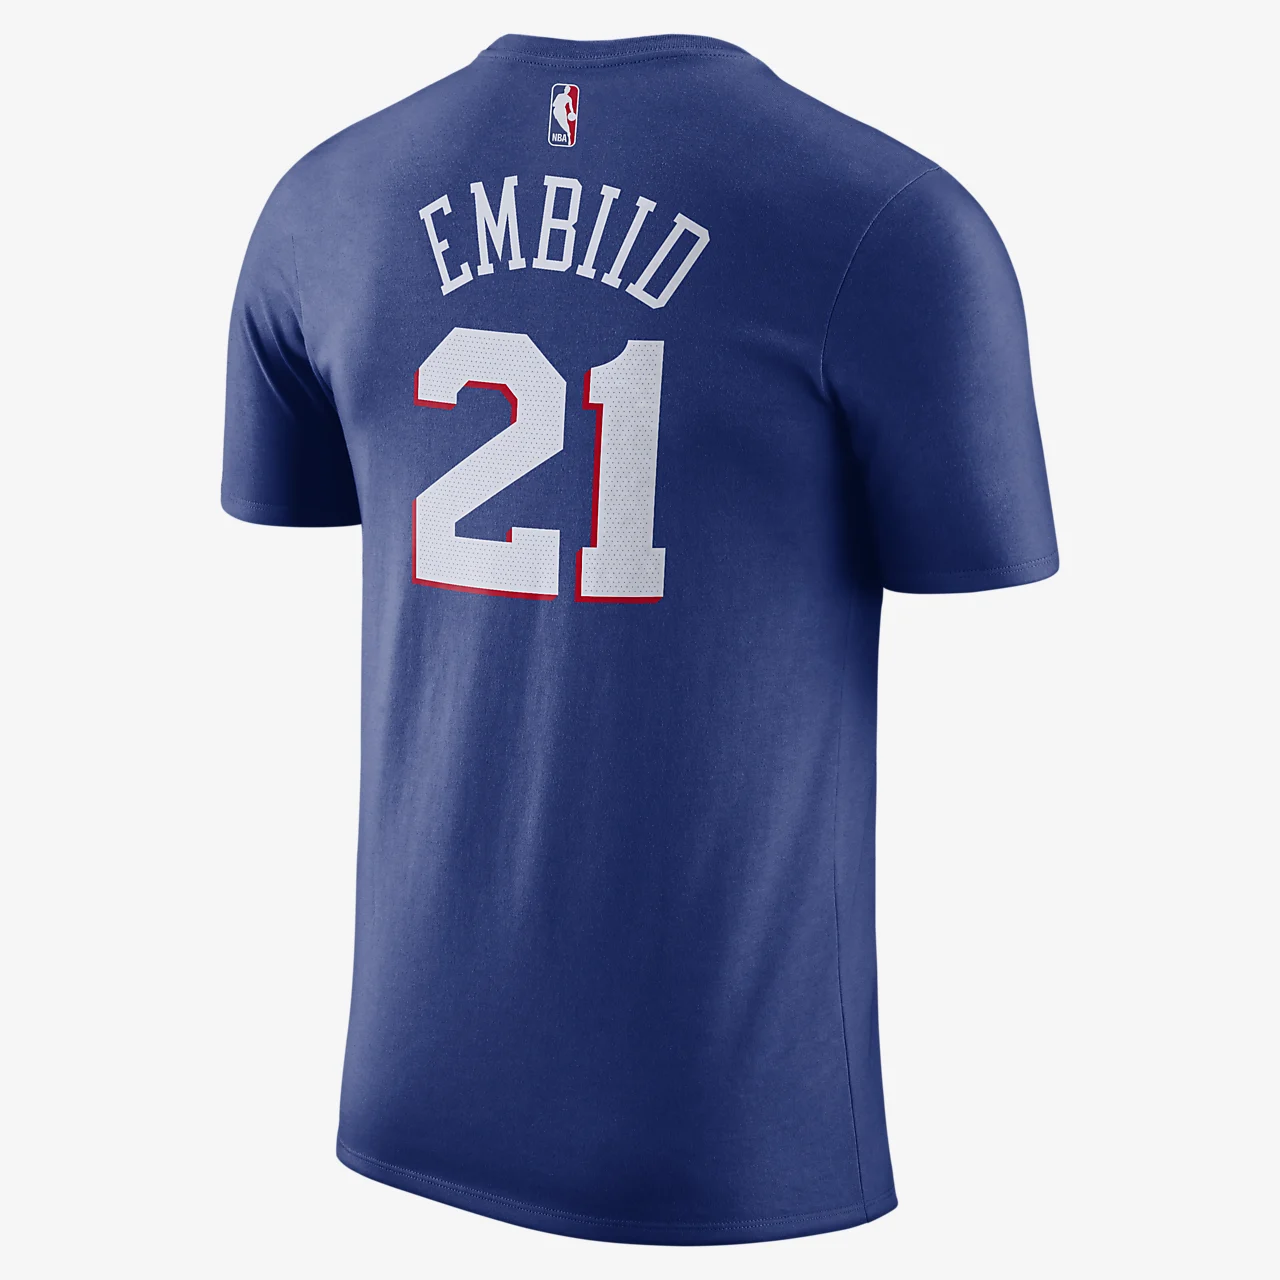 조엘 엠비드 필라델피아 76ers 나이키 드라이핏 남자 NBA 티셔츠 BQ1560-498